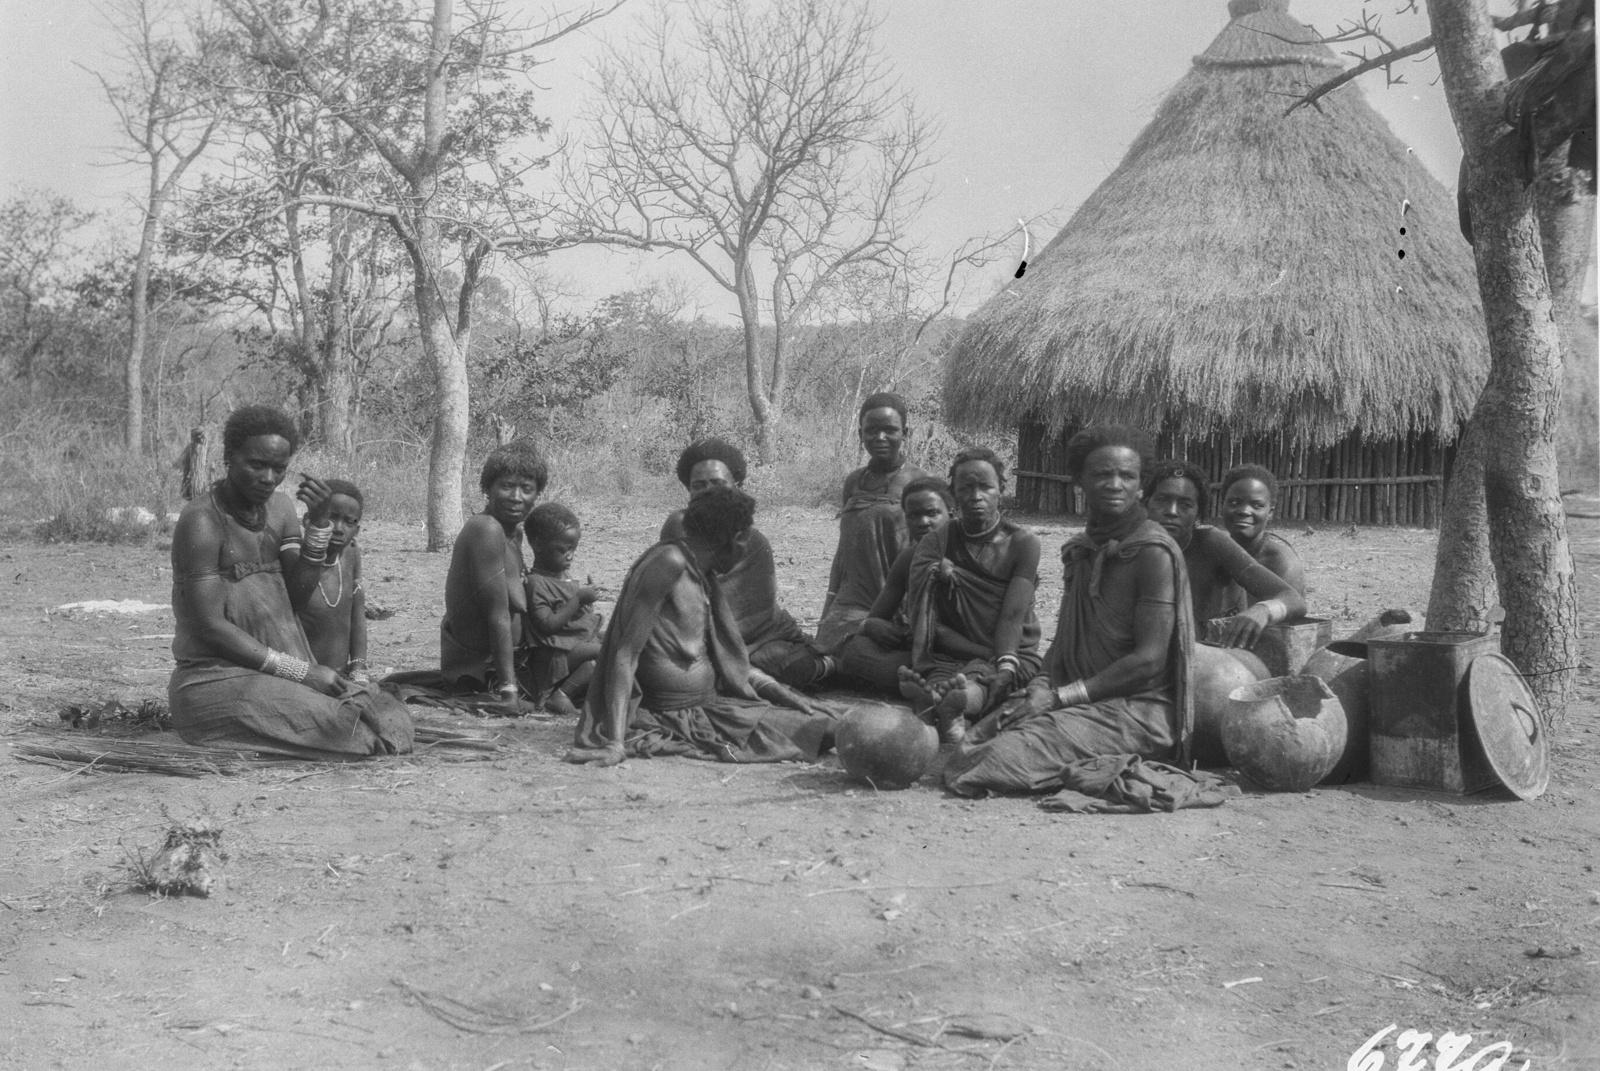 Национальный парк Крюгера. Групповой портрет деревенских женщин.